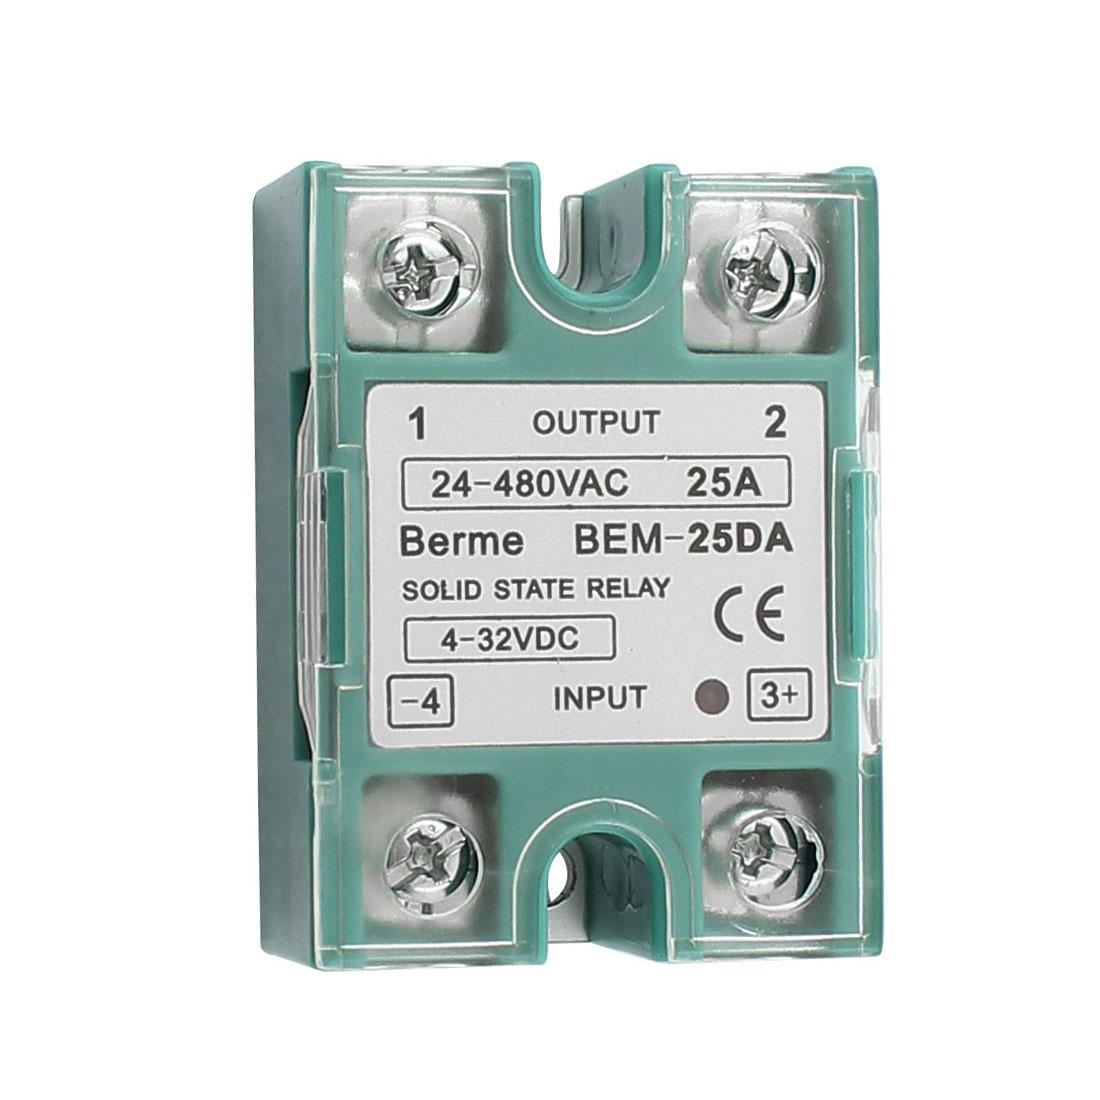 Solid State Relay Module BEM 25DA DC-AC 25A 4-32VDC/24-480VAC